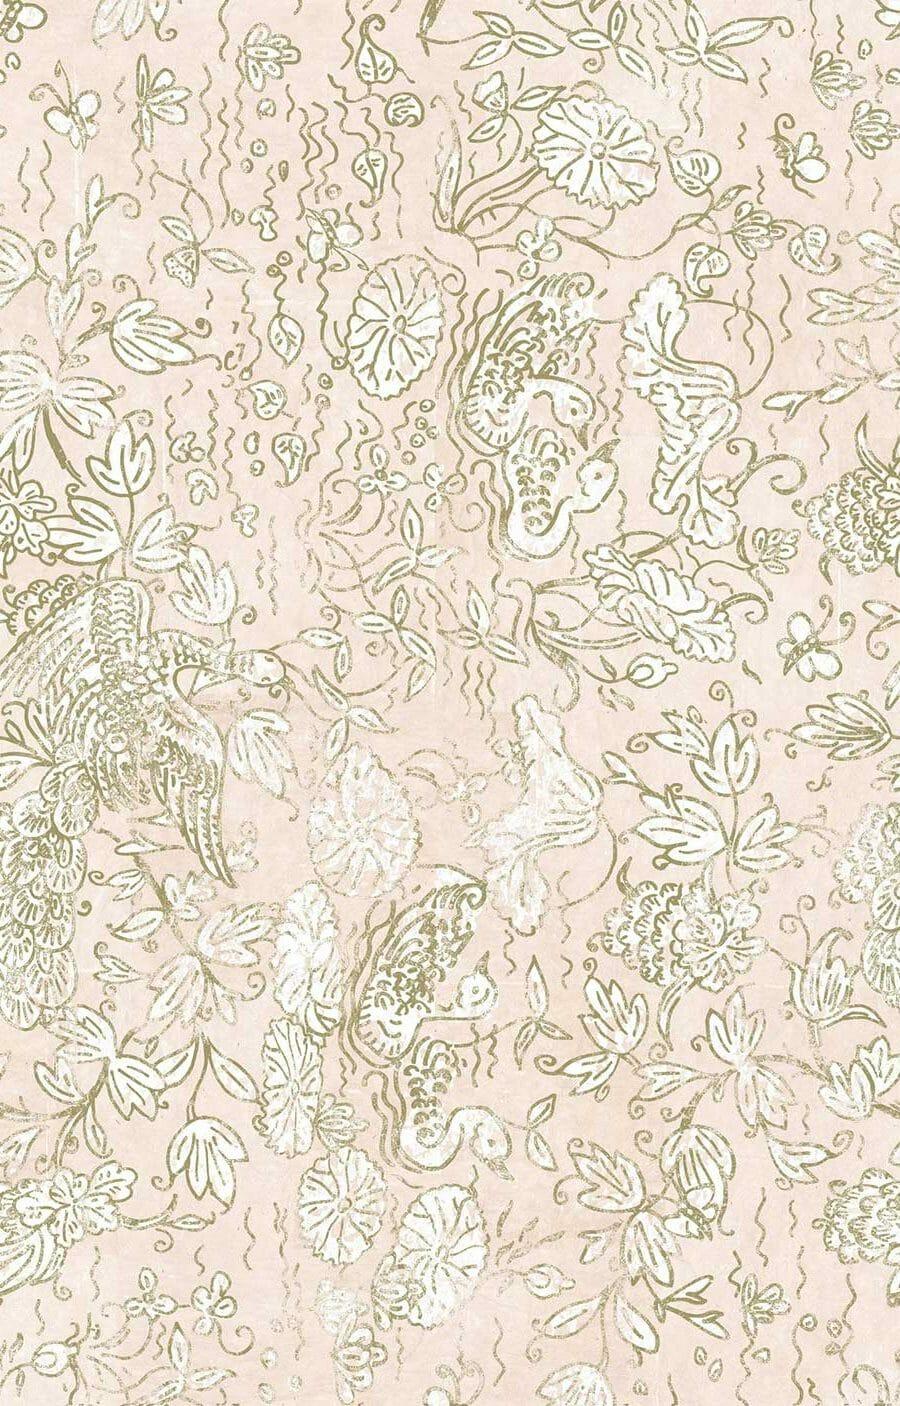 Carta-da-parati-Elitis-Flirt-Aquatique-Domino-RM-255-04-AERREe